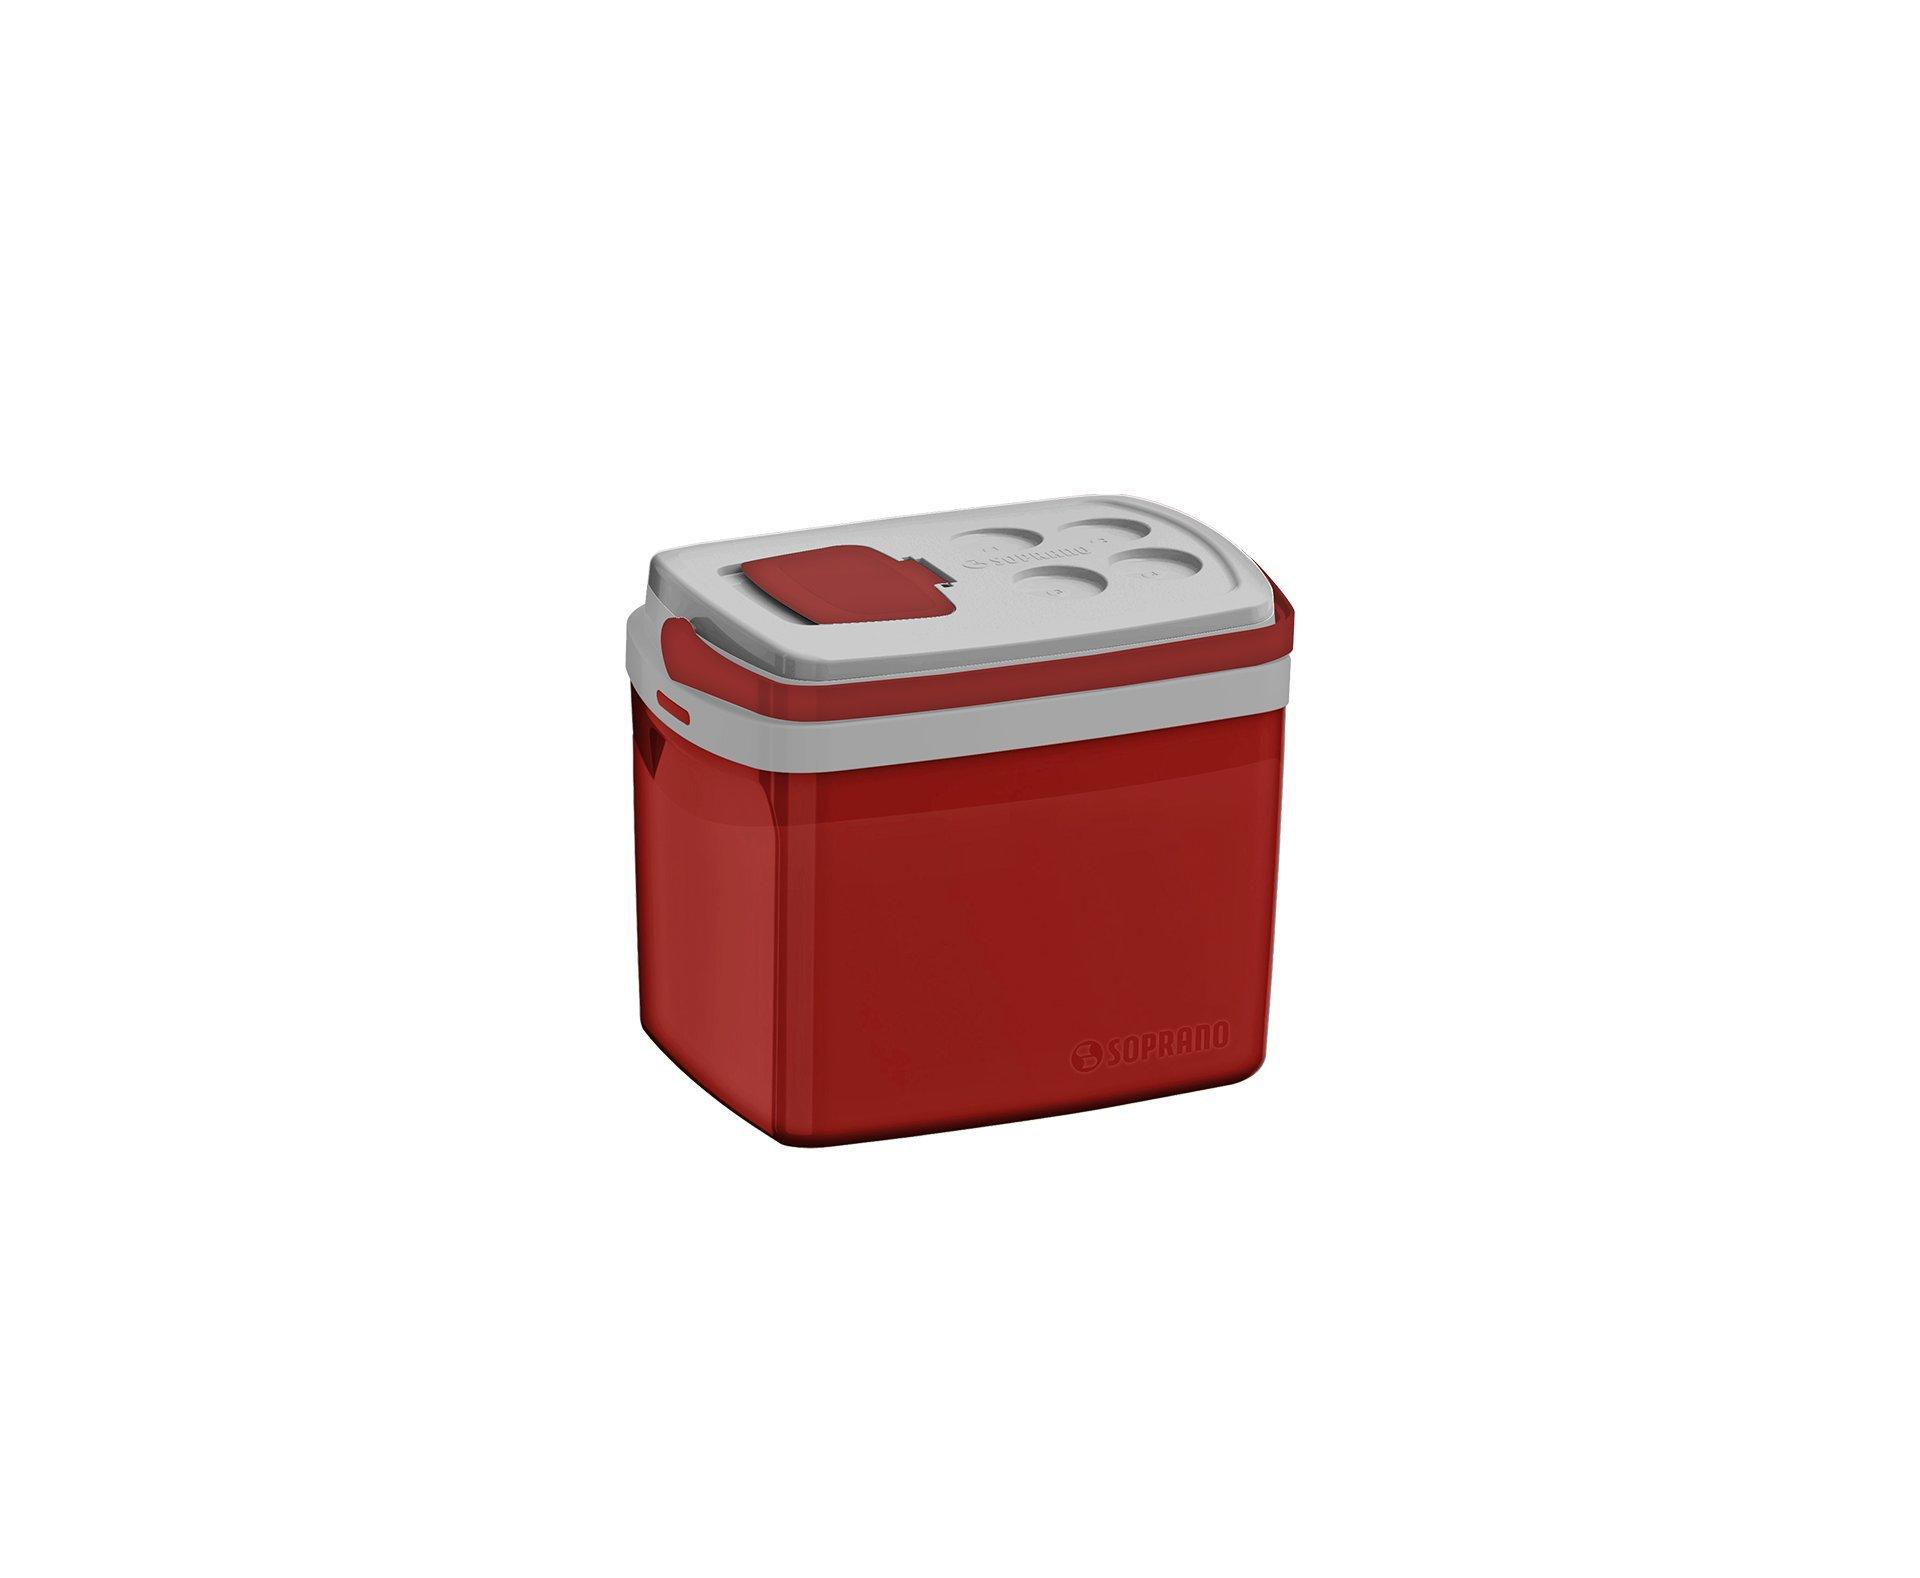 Caixa Termica Tropical 32l Vermelha - Soprano